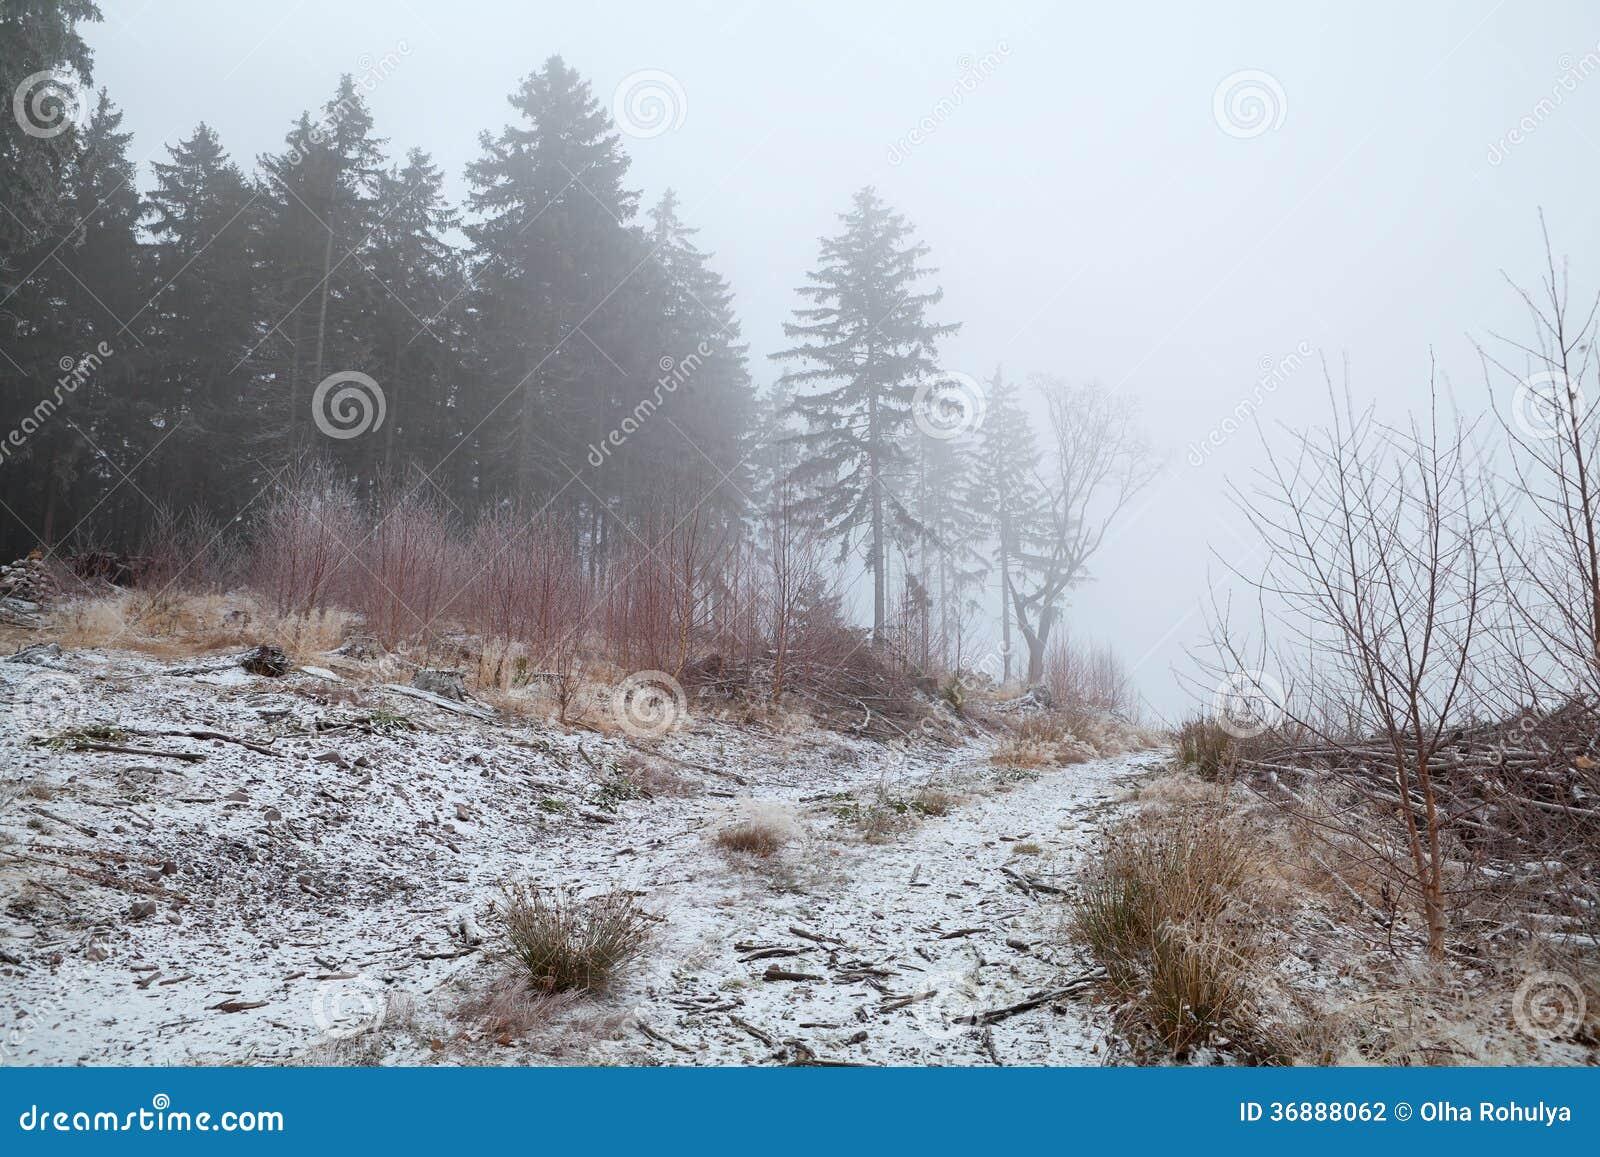 Download Foresta Di Conifere In Nebbia Di Inverno Fotografia Stock - Immagine di paesaggio, misty: 36888062